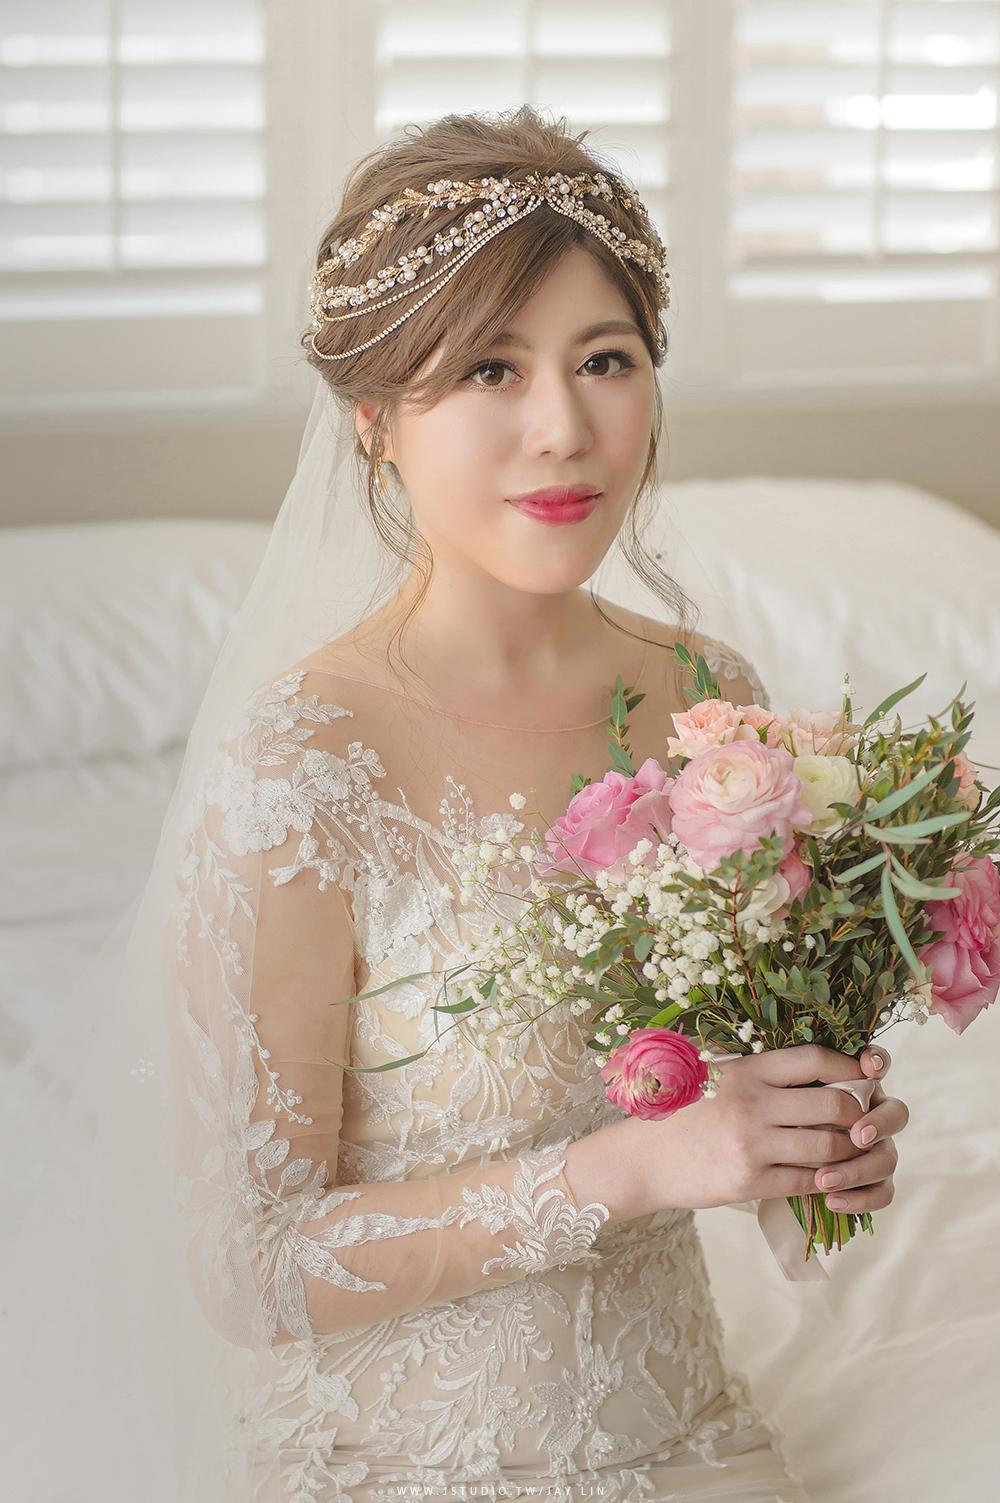 婚攝 台北婚攝 婚禮紀錄 婚攝 推薦婚攝 世貿三三 JSTUDIO_0022